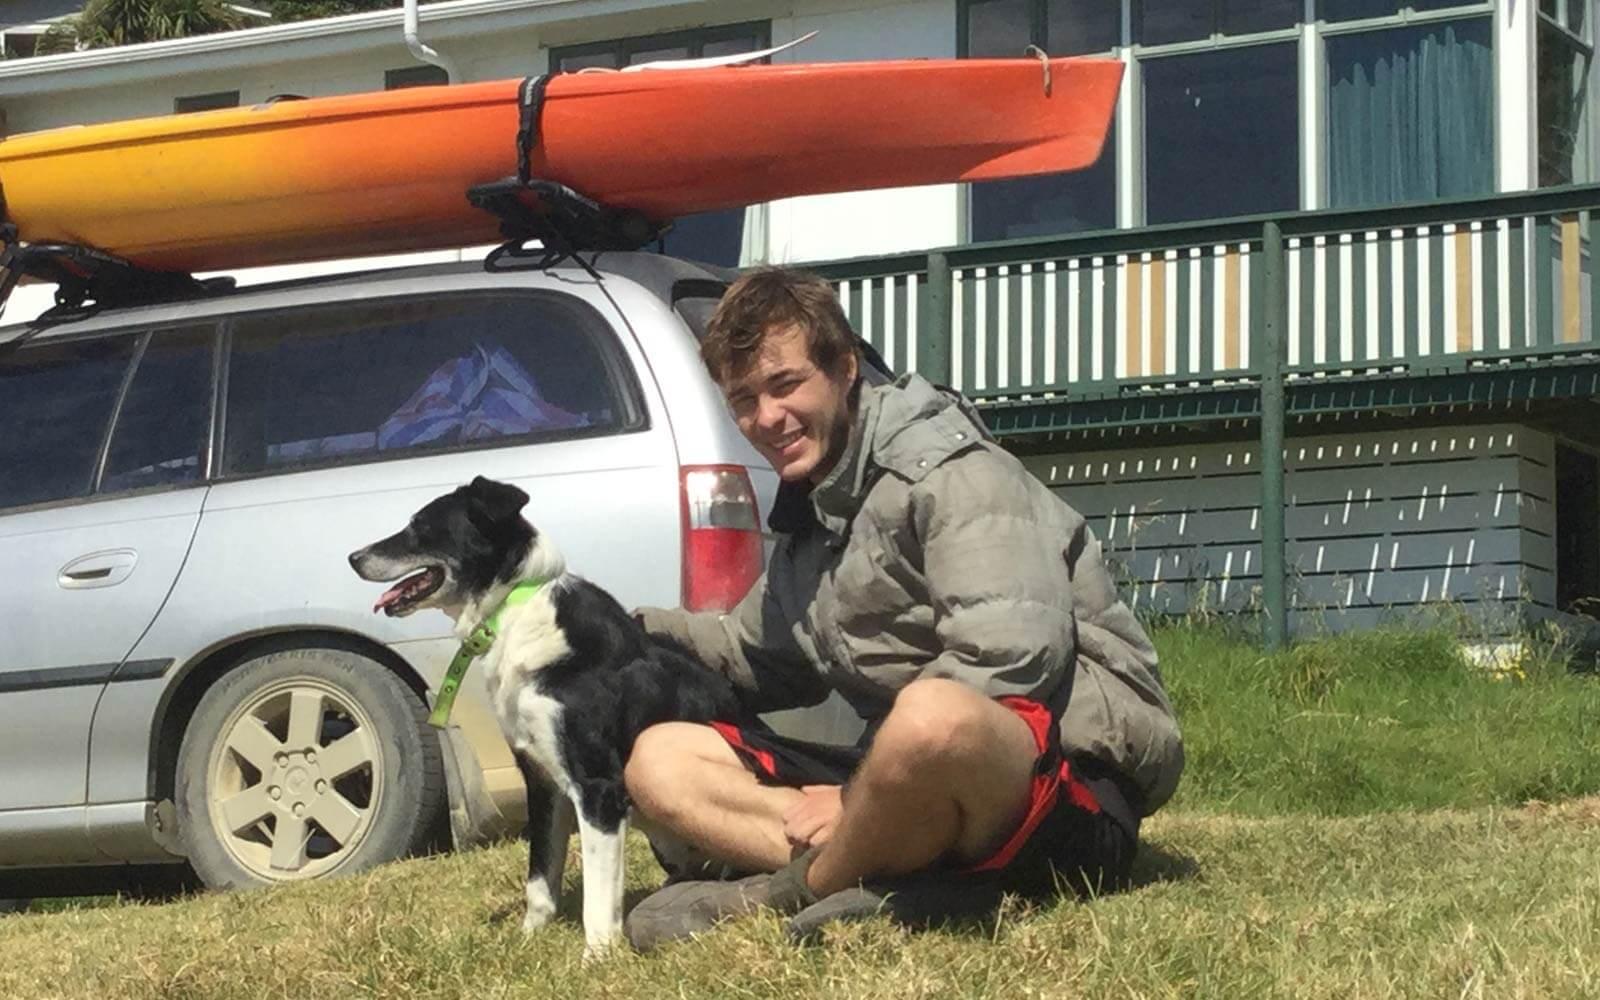 Justin mit Hund vor einem Auto